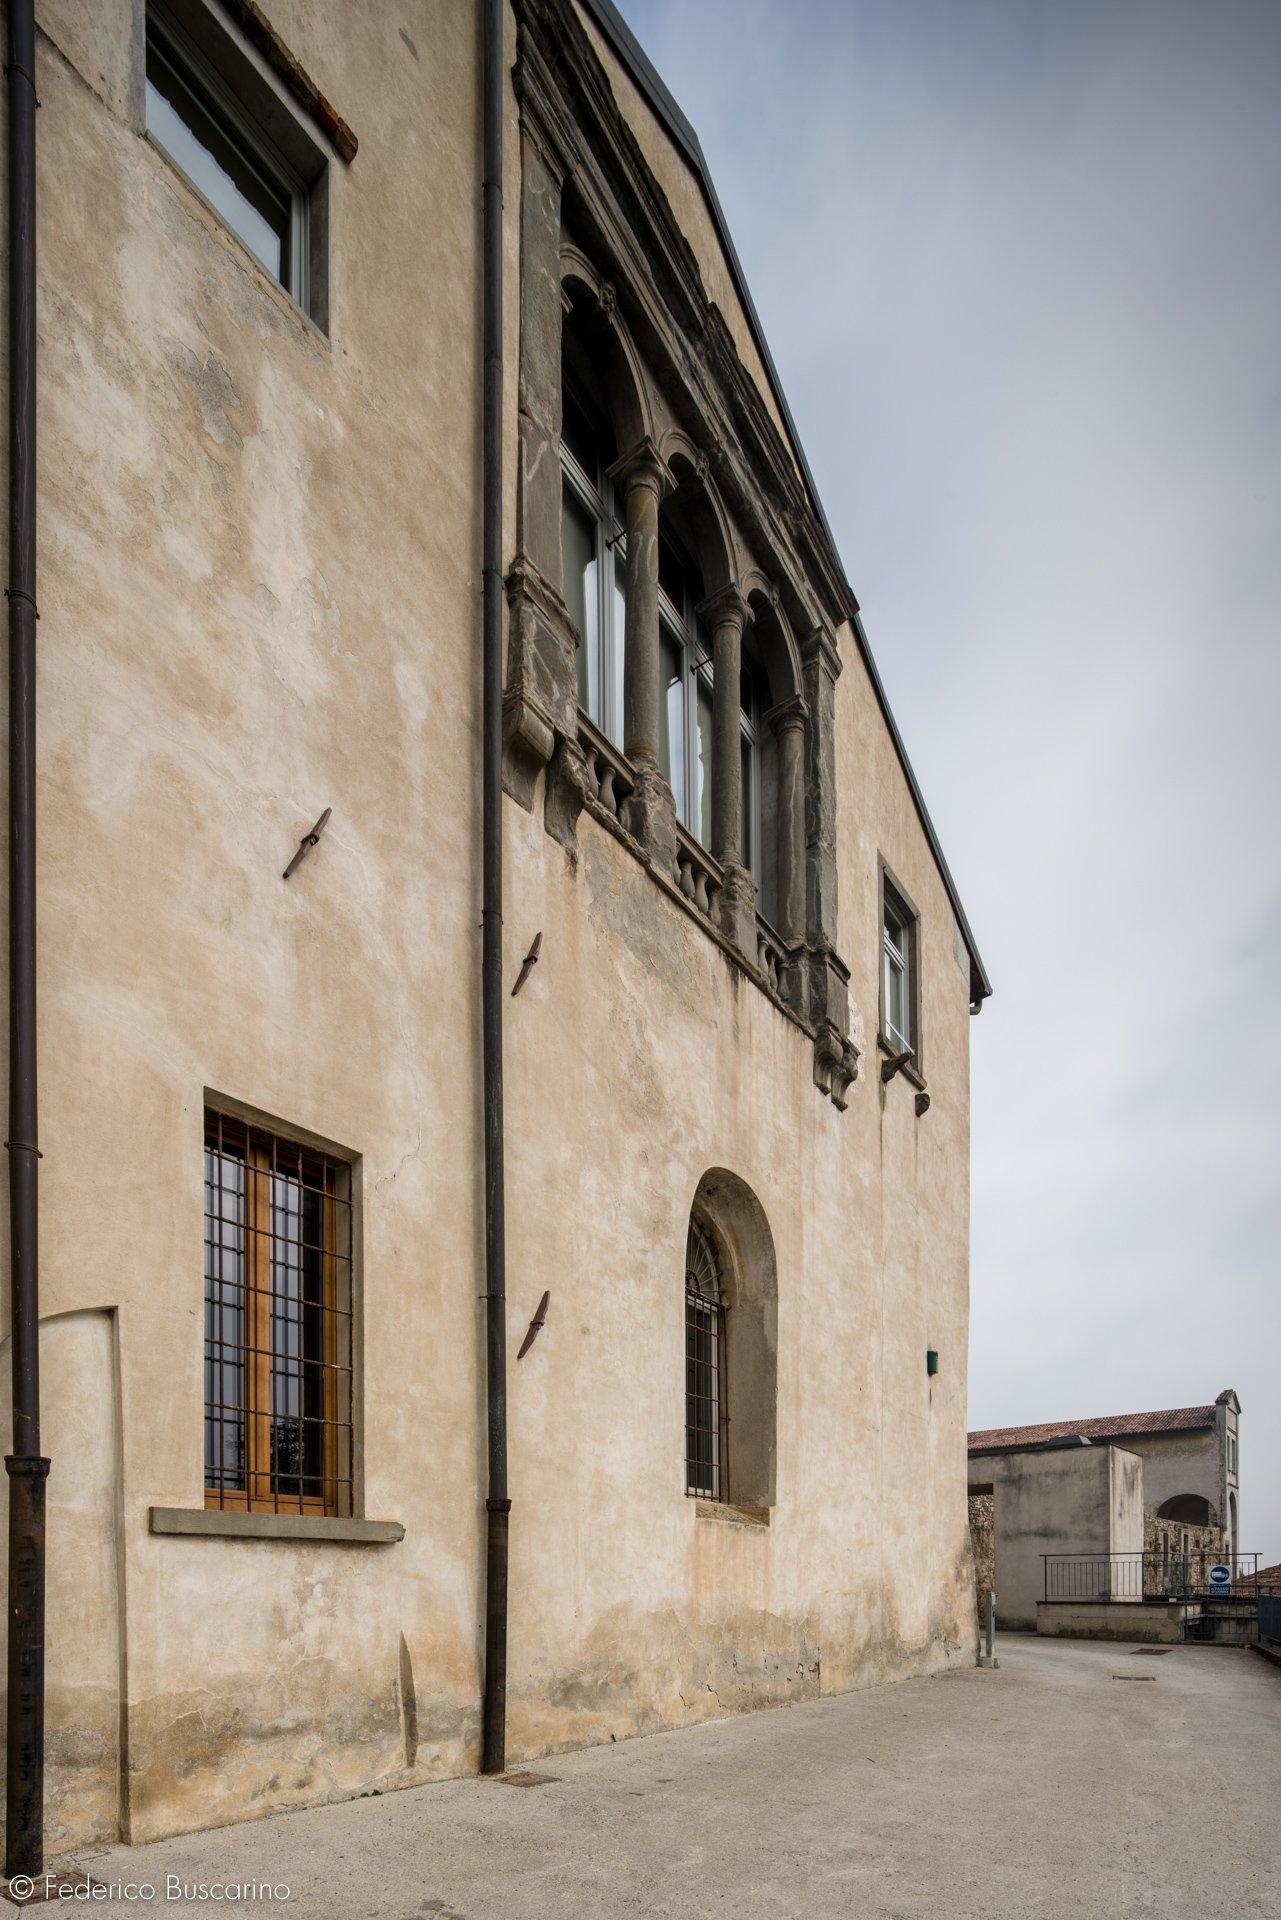 esterno casa con finestre in legno